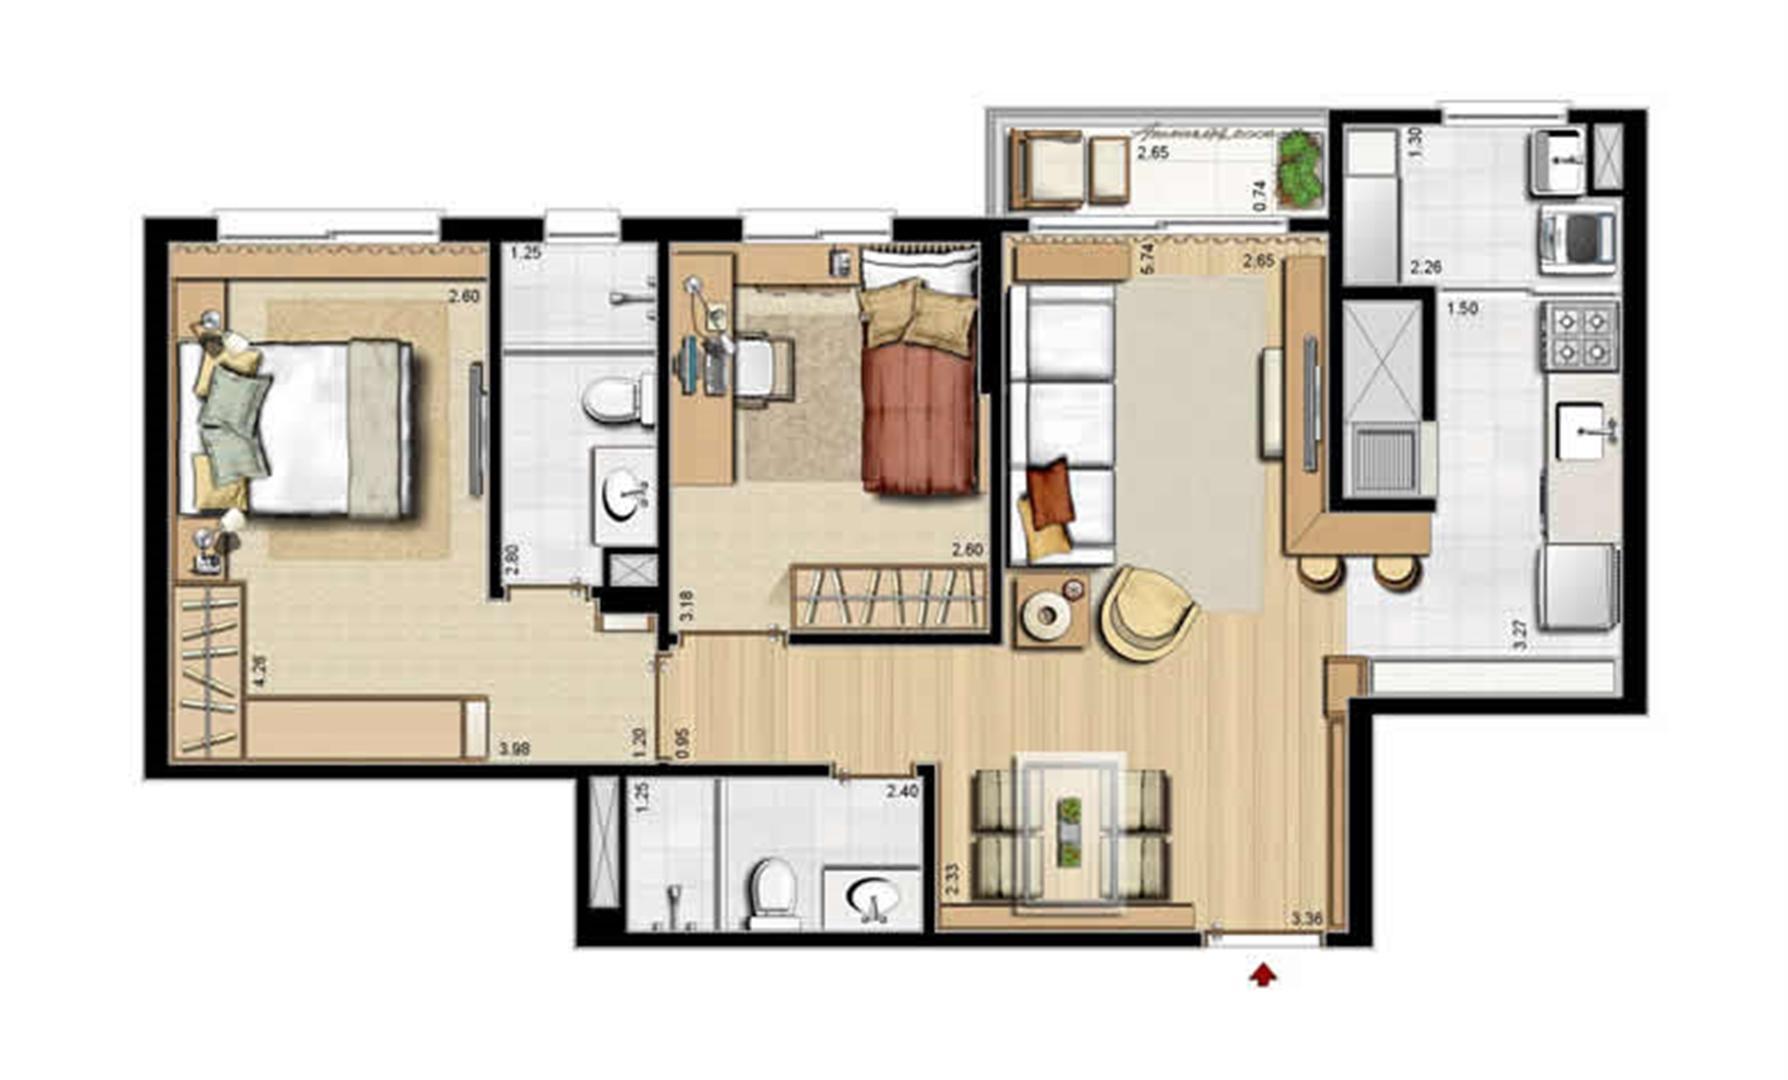 Planta padrão - 2 dormitórios, sendo 1 suíte - 68 m² privativos e 105 m² área total | Villa Mimosa Vita Insolaratta – Apartamento no  Centro - Canoas - Rio Grande do Sul